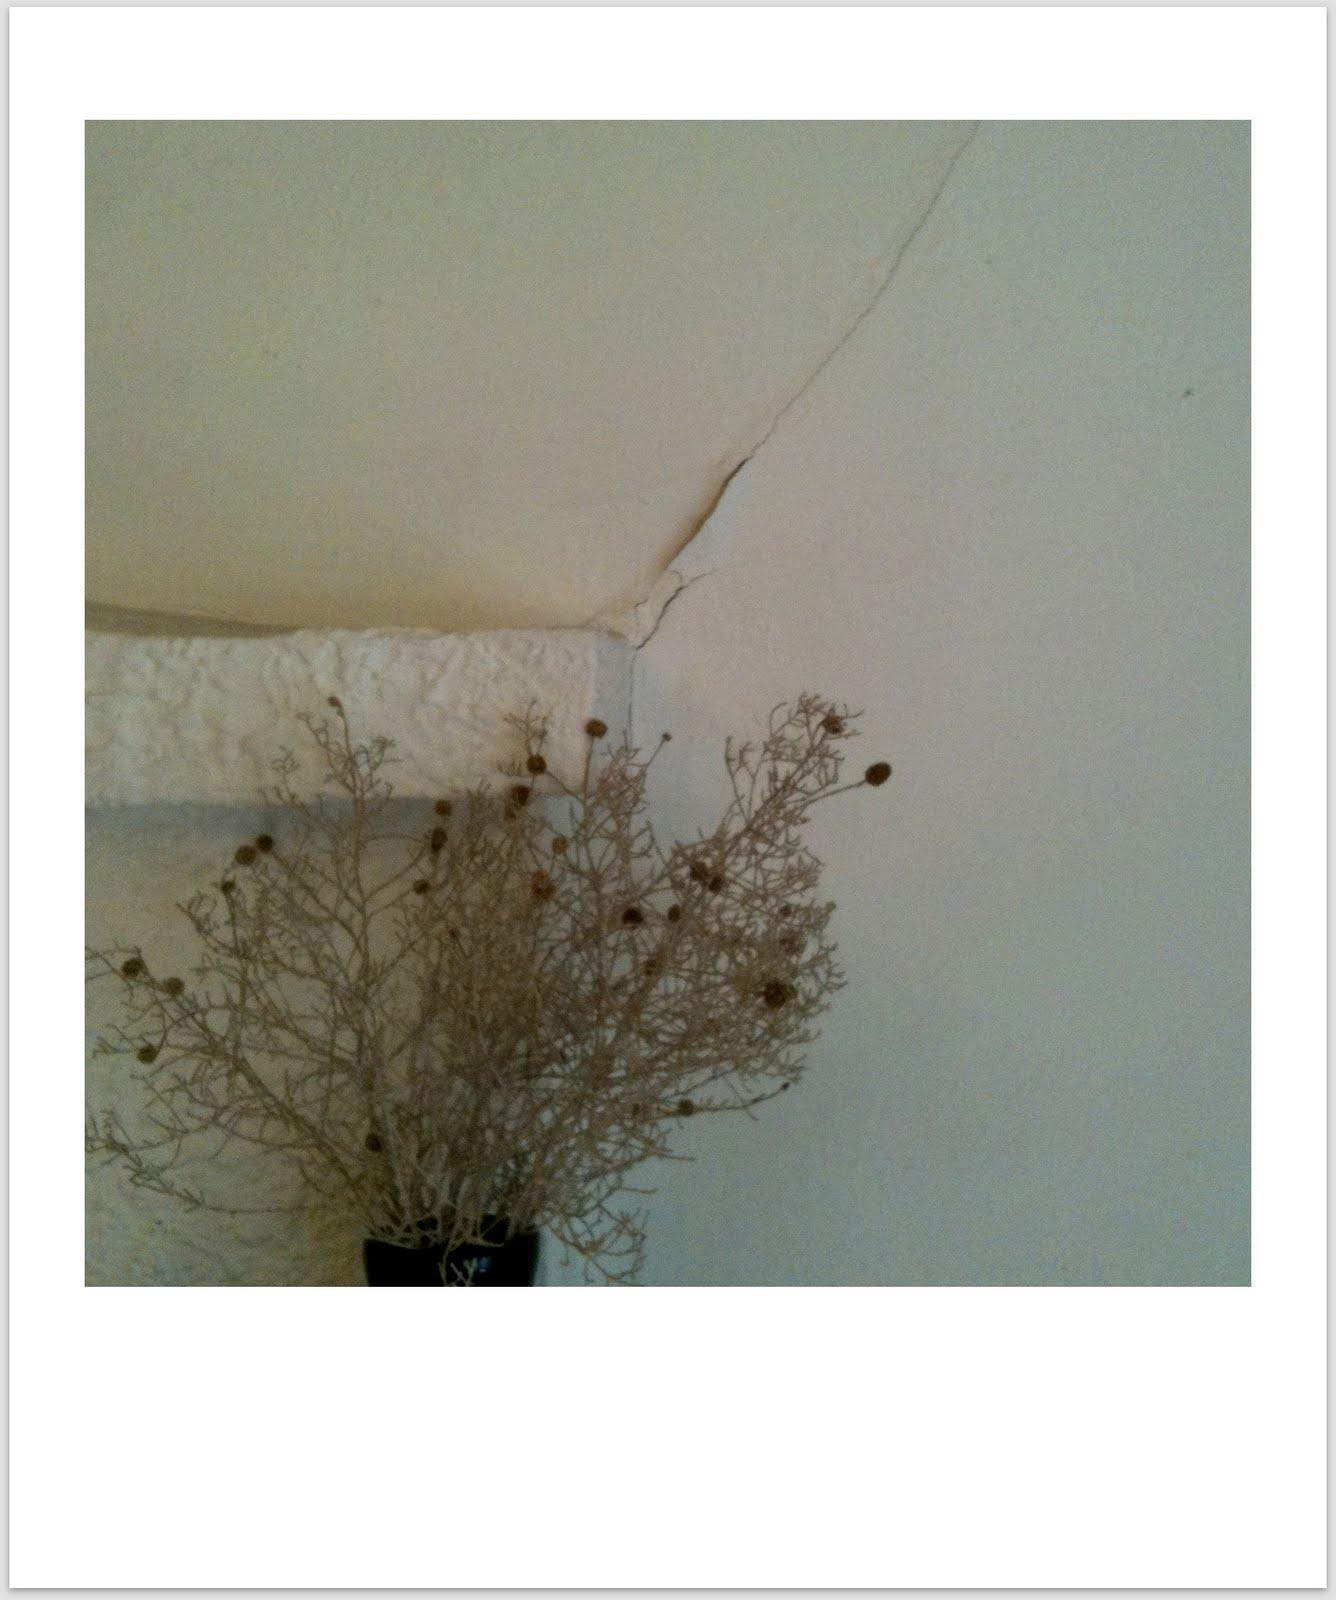 http://2.bp.blogspot.com/_mmAmDEmBgSQ/TD2SPhPkrQI/AAAAAAAAAY8/mChytGsHIJs/s1600/wallcrack.jpg